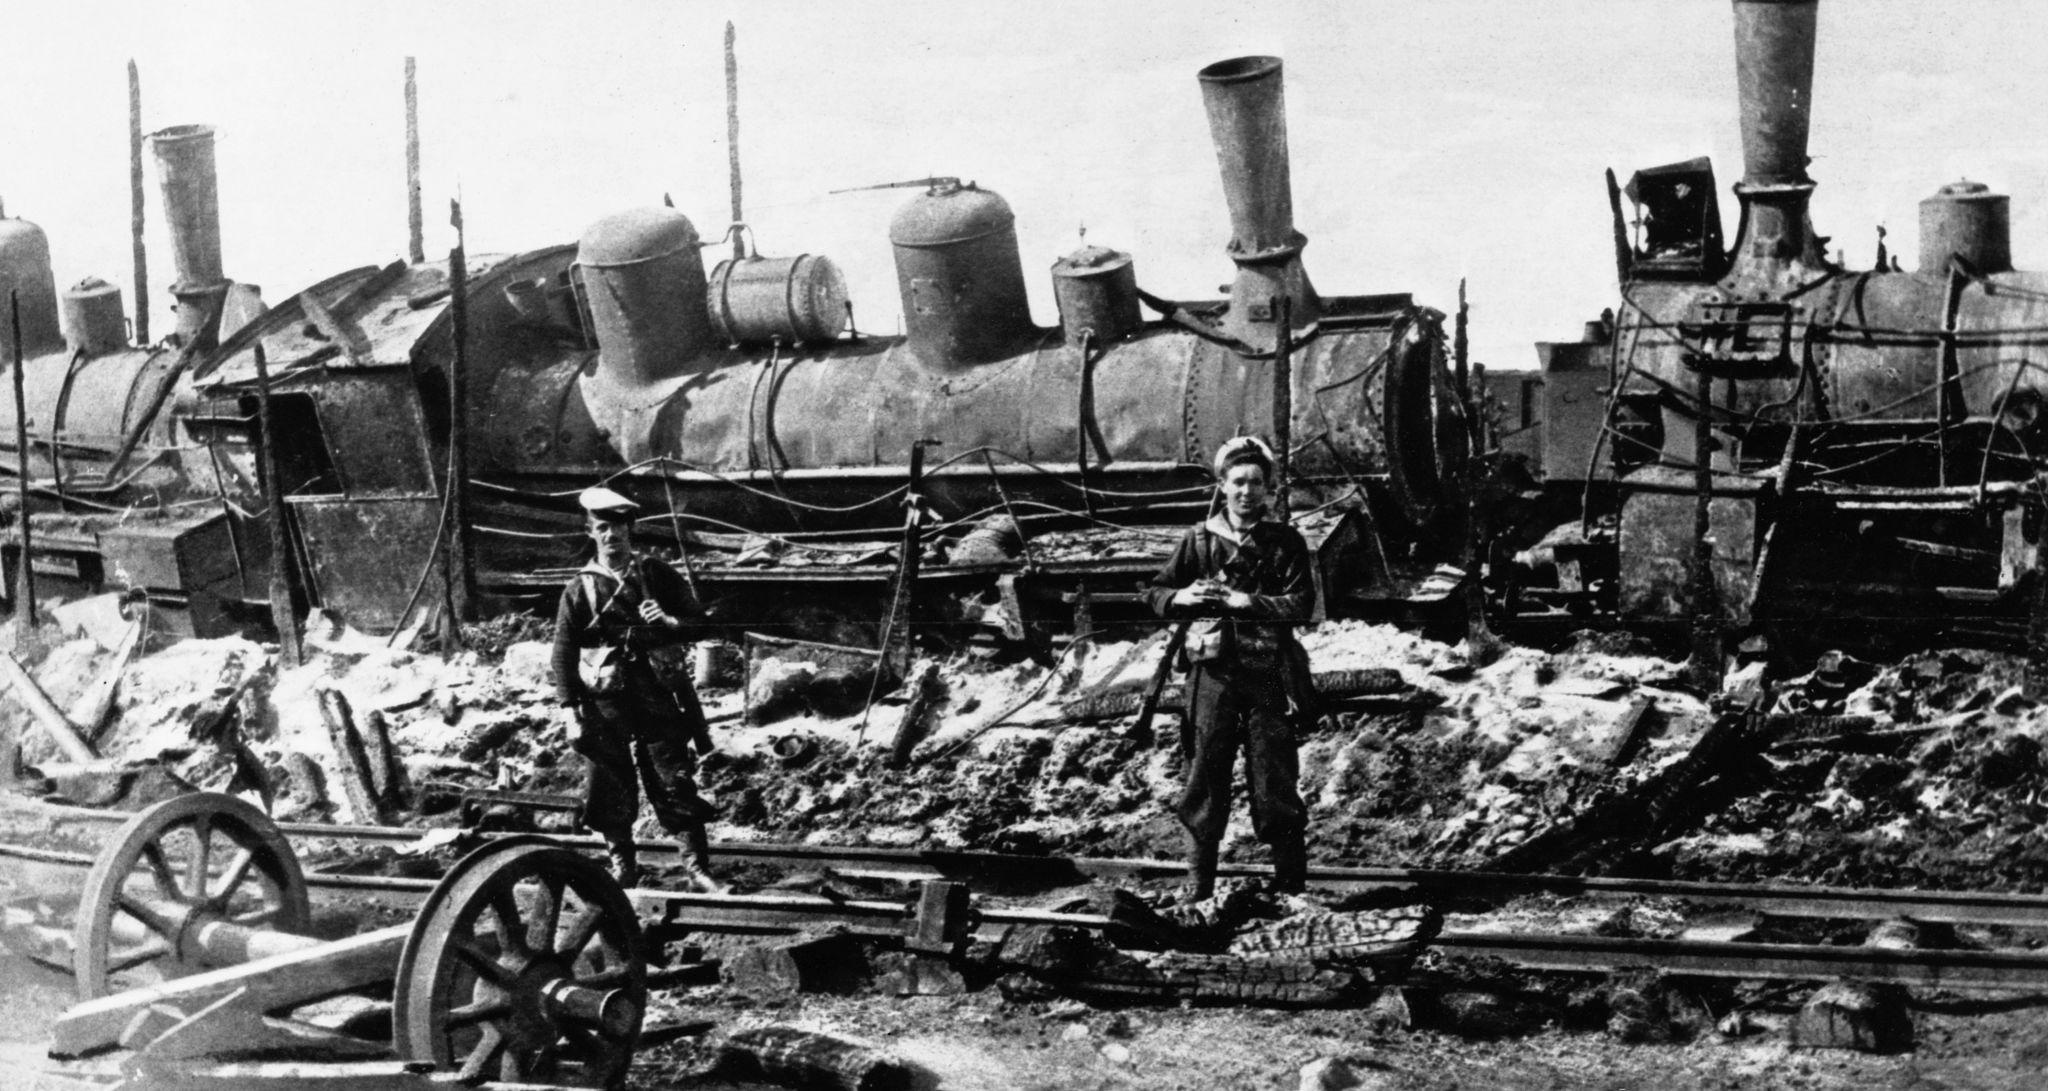 Два моряка Британского флота стоят на страже возле паровоза, поврежденного большевиками на станции Сарока